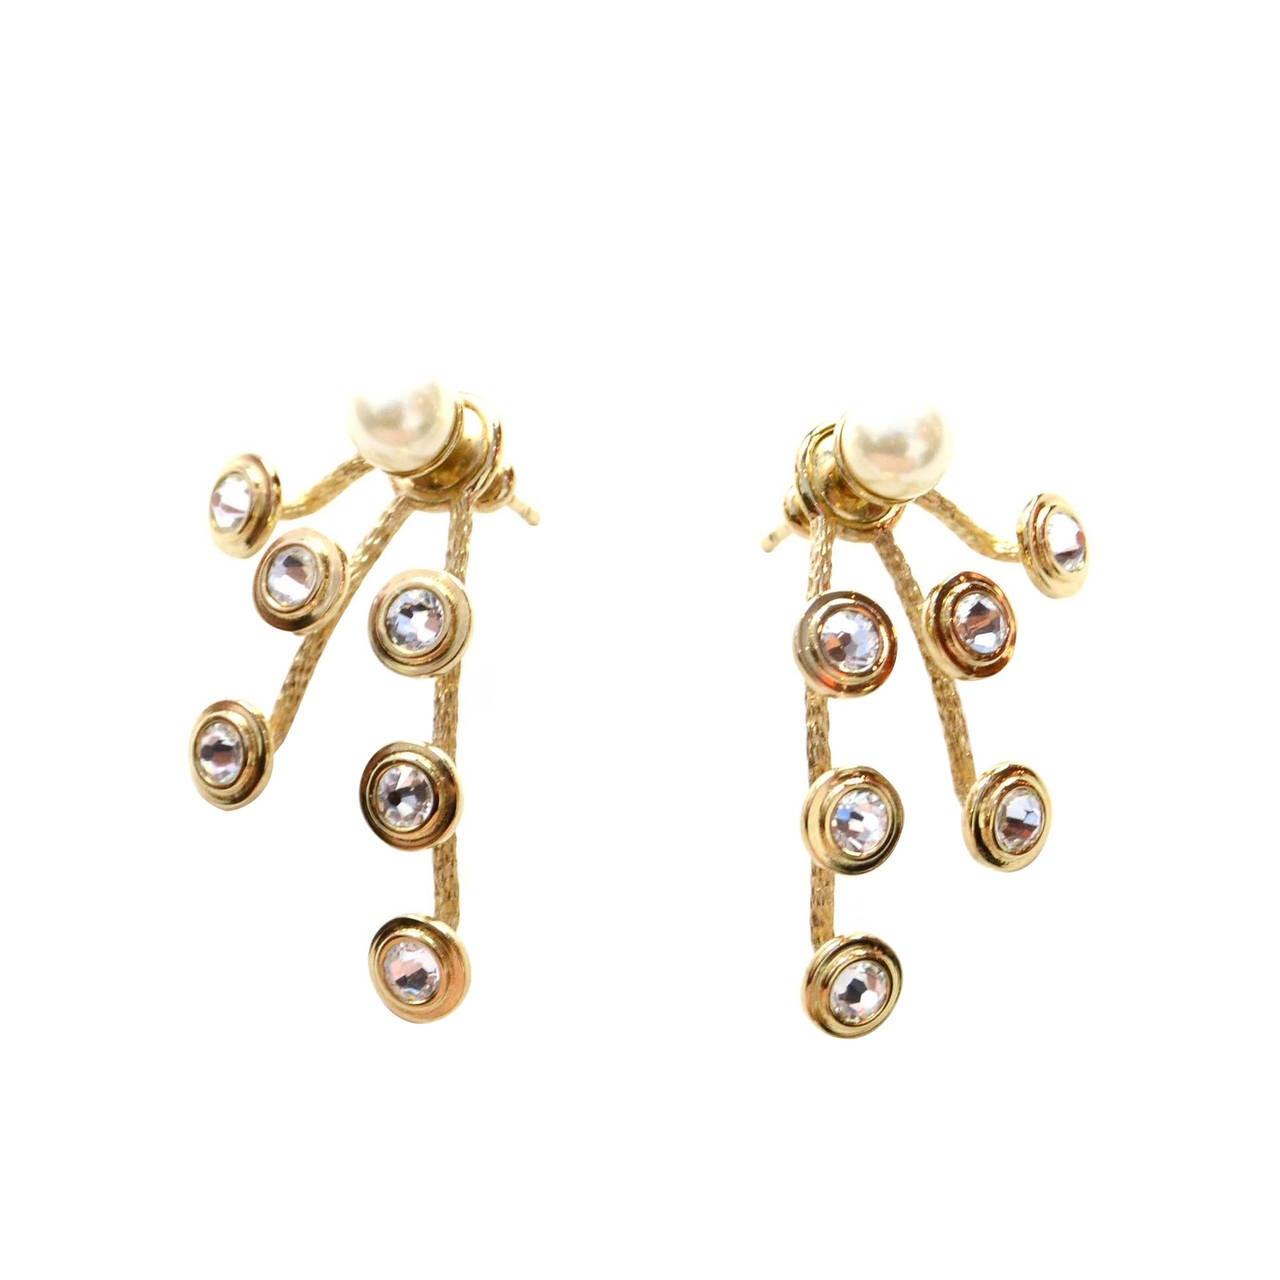 Christian Dior Mise En Dior Pearl & Crystal Earrings 1